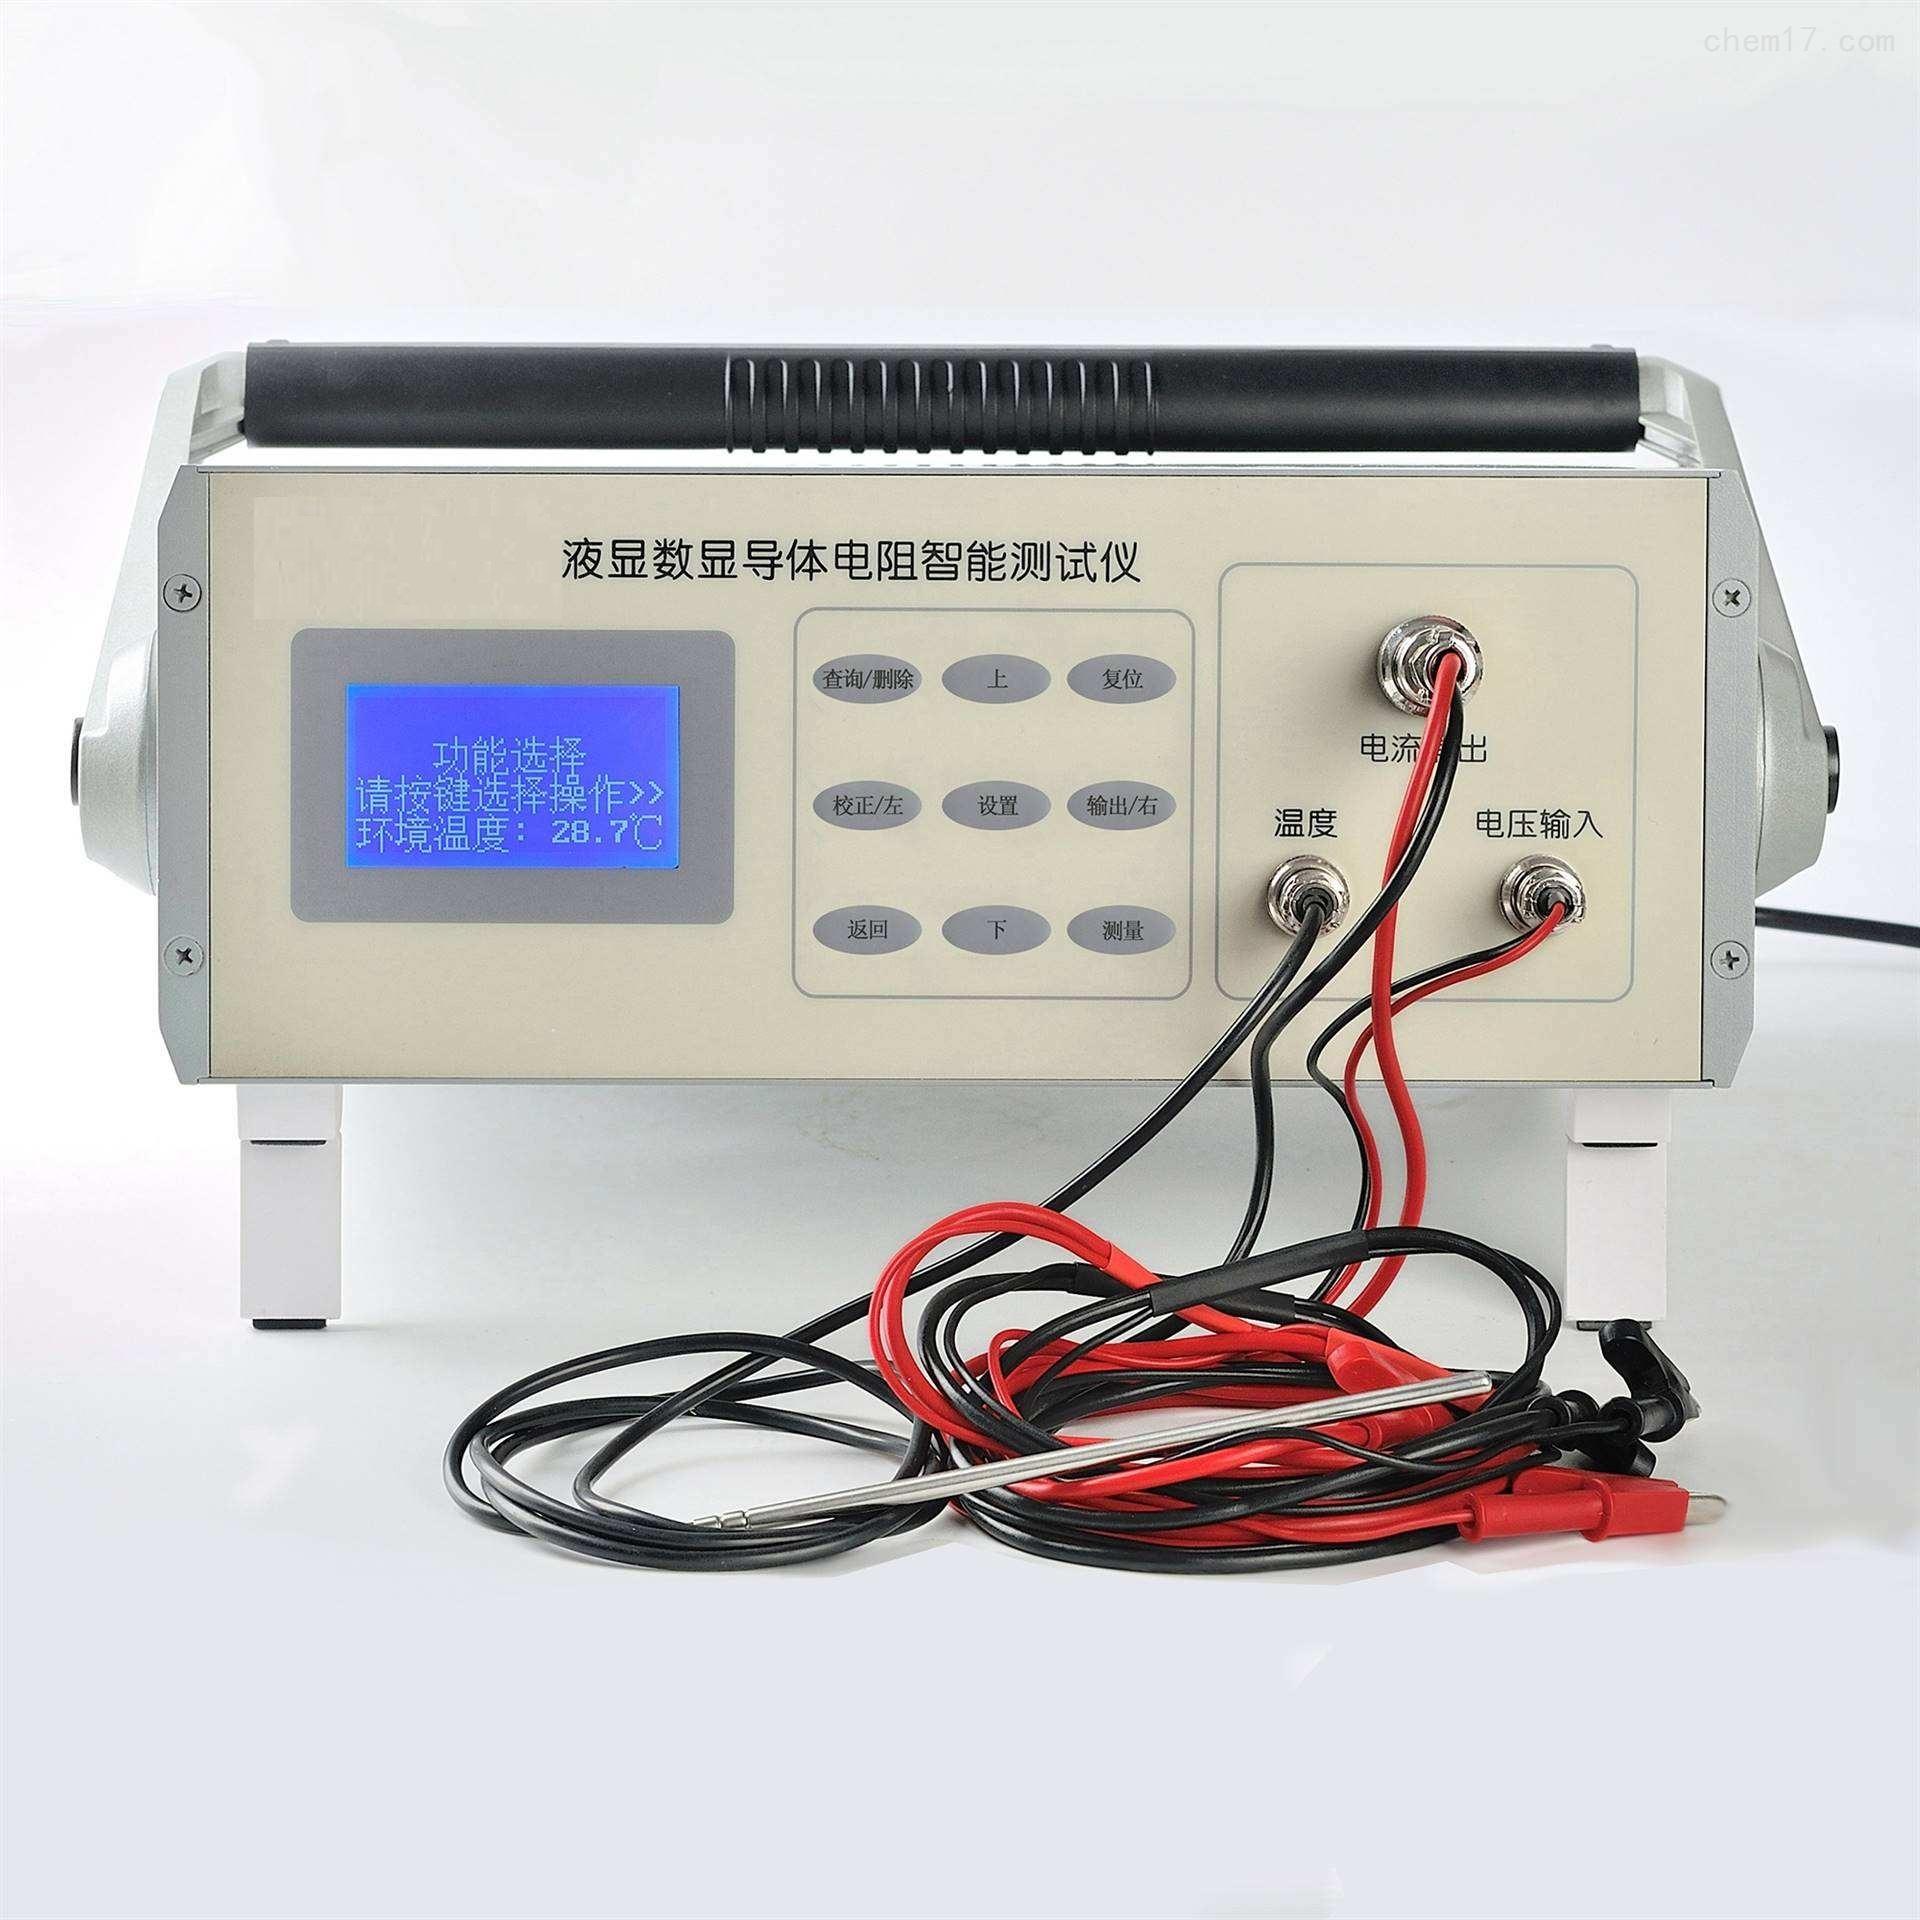 液晶数显智能导体电阻测试仪